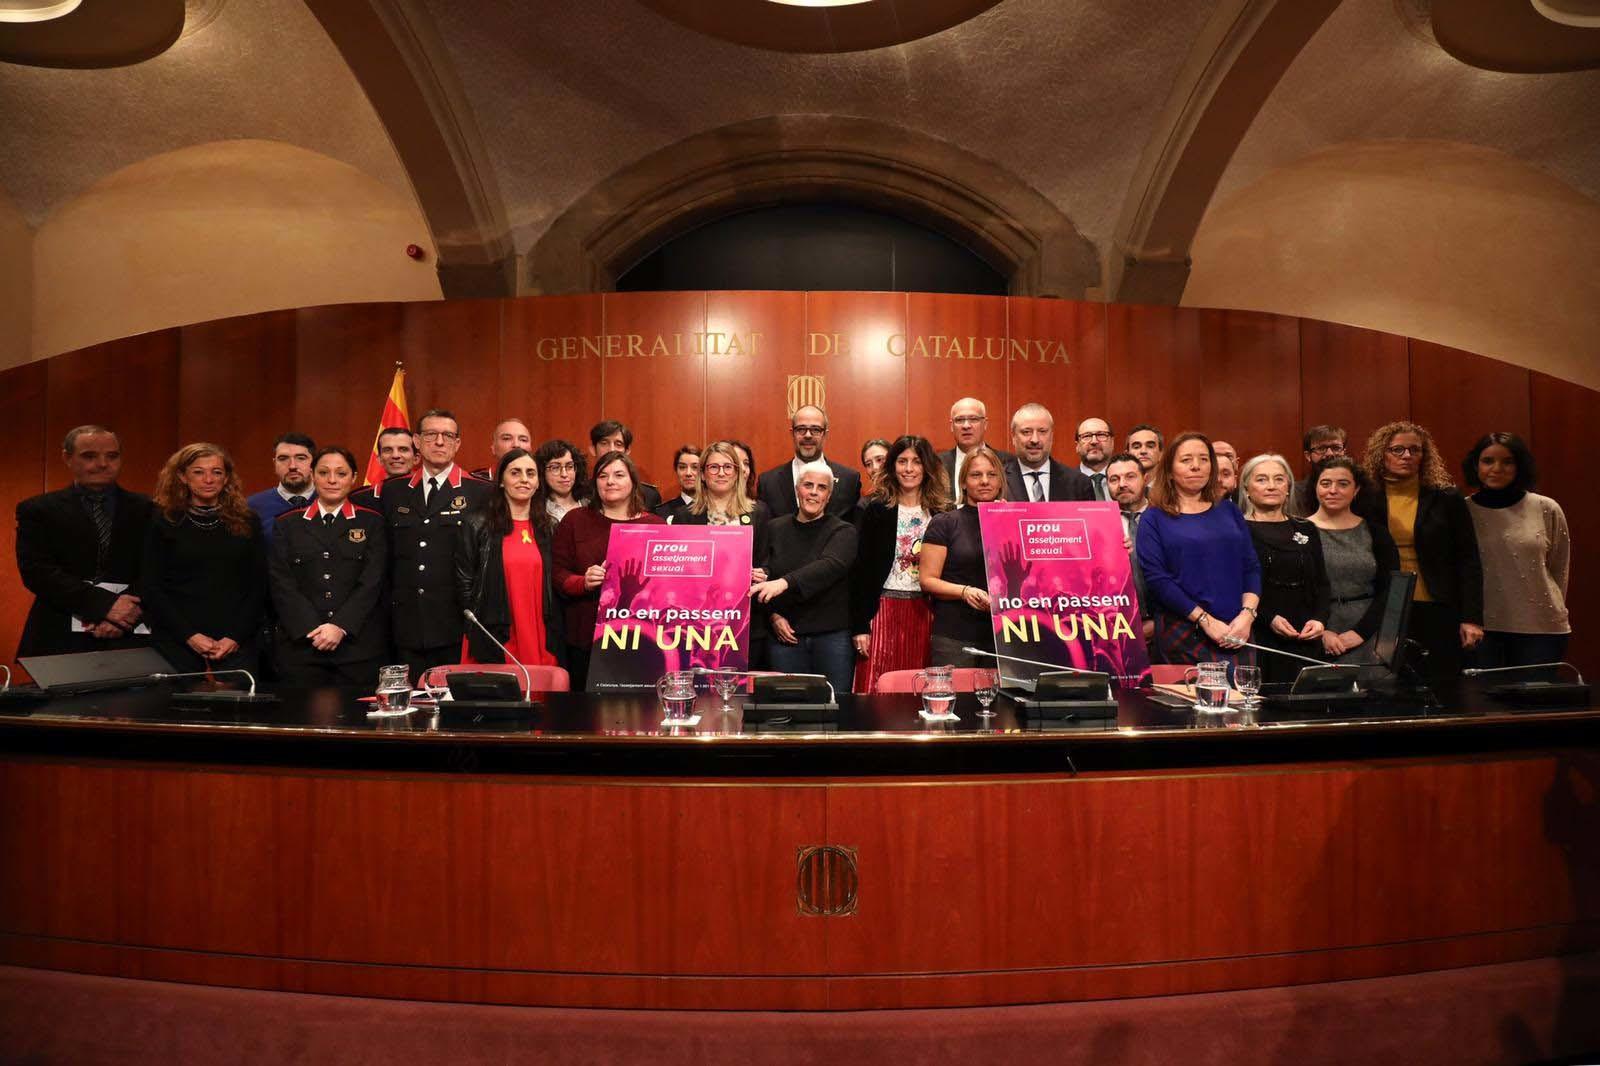 Imagen del acto celebrado en la Generalitat